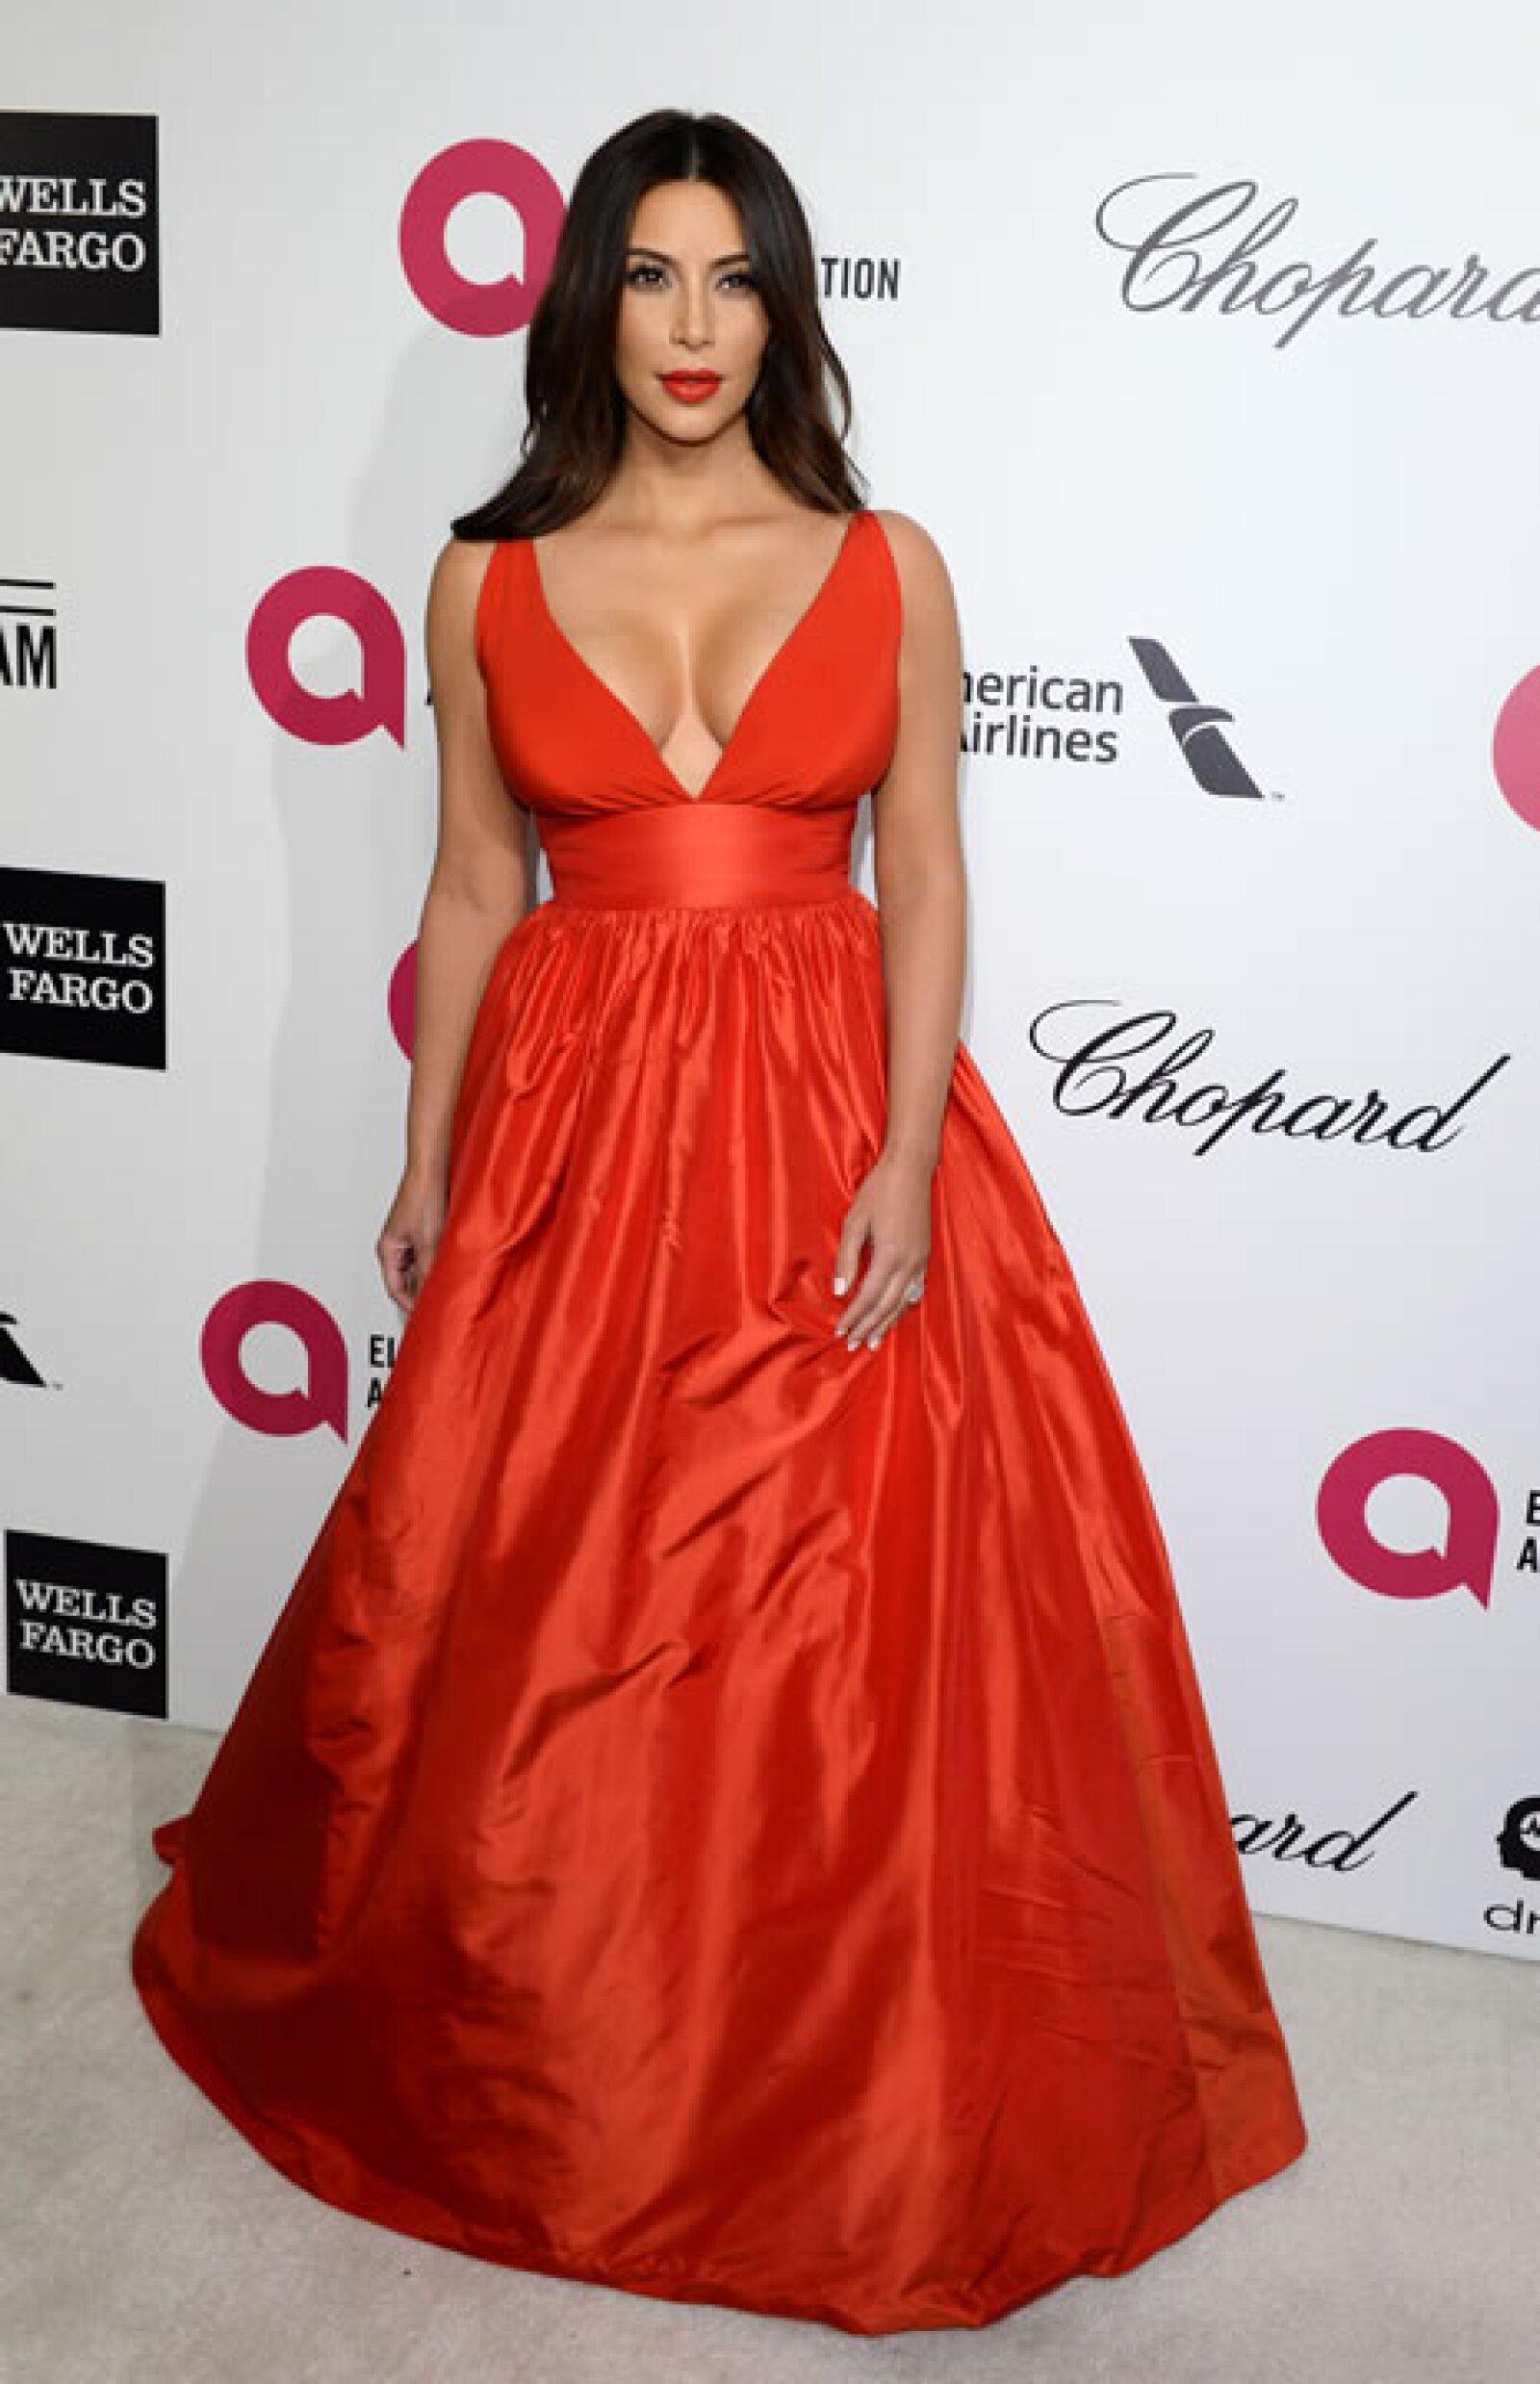 Es raro ver a Kim Kardashian sin tacones, y es que sin ellos su estatura real es de 1.59 metros.